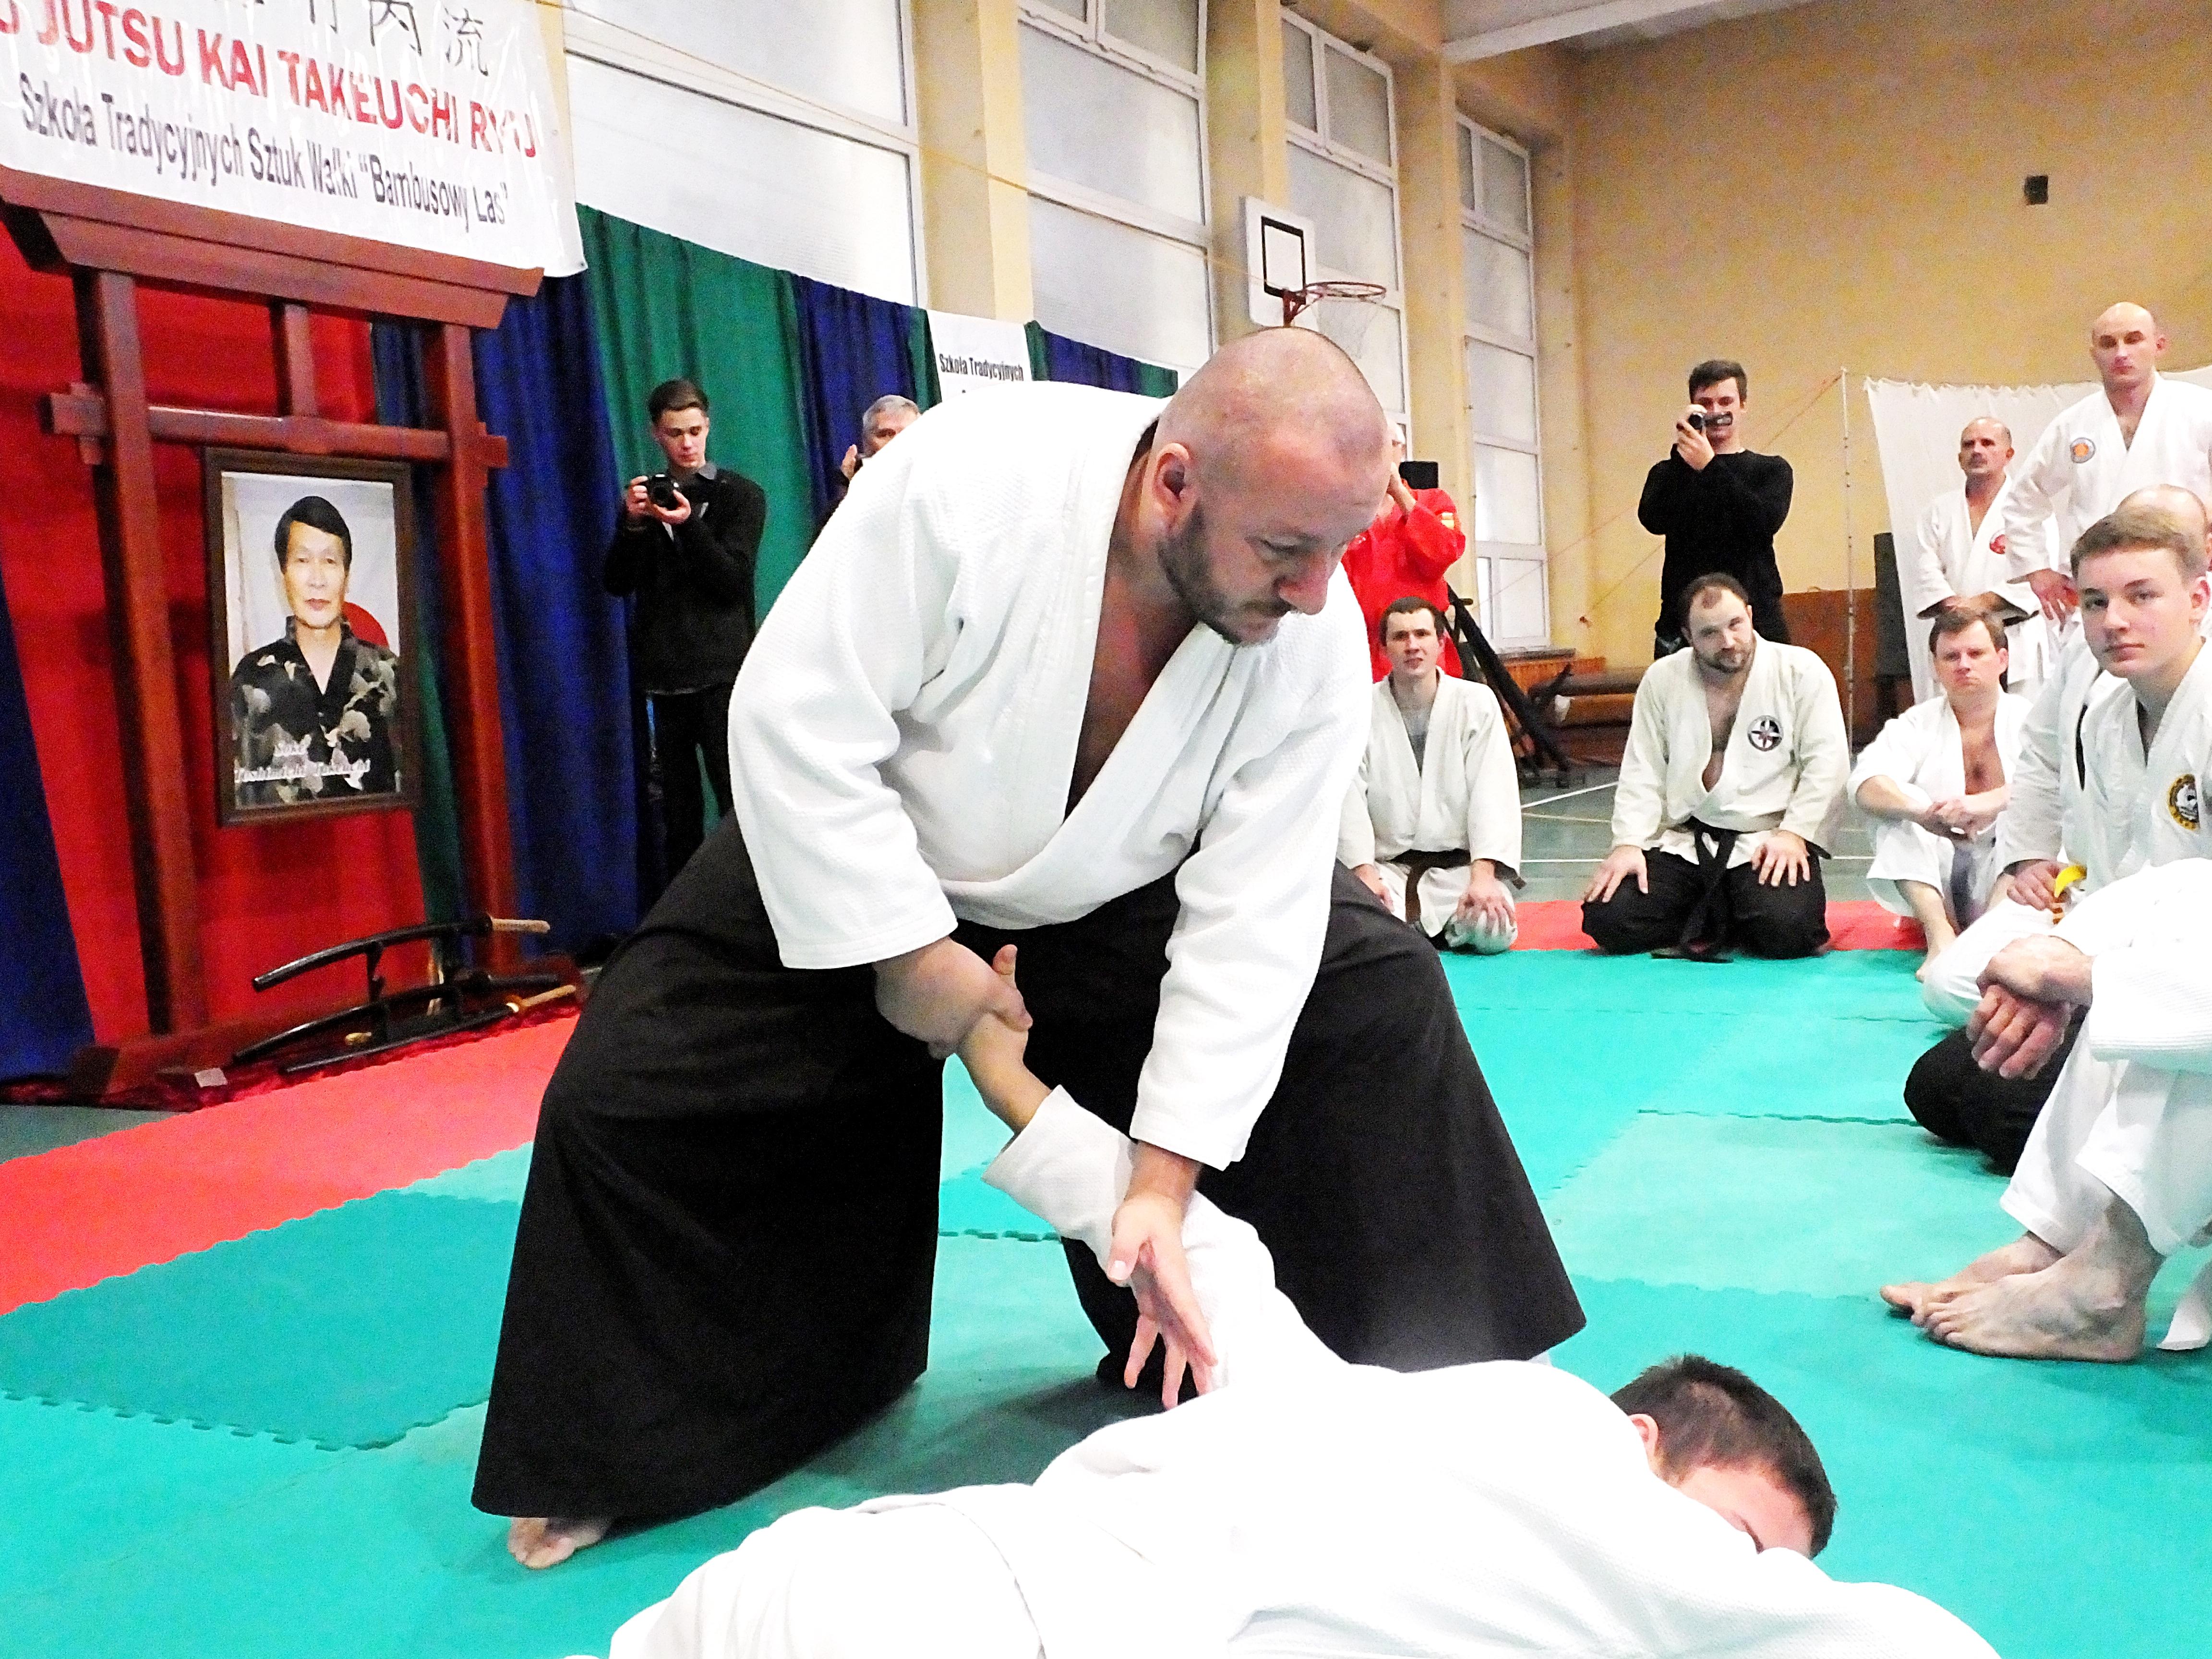 Sankio namysłów Aikido